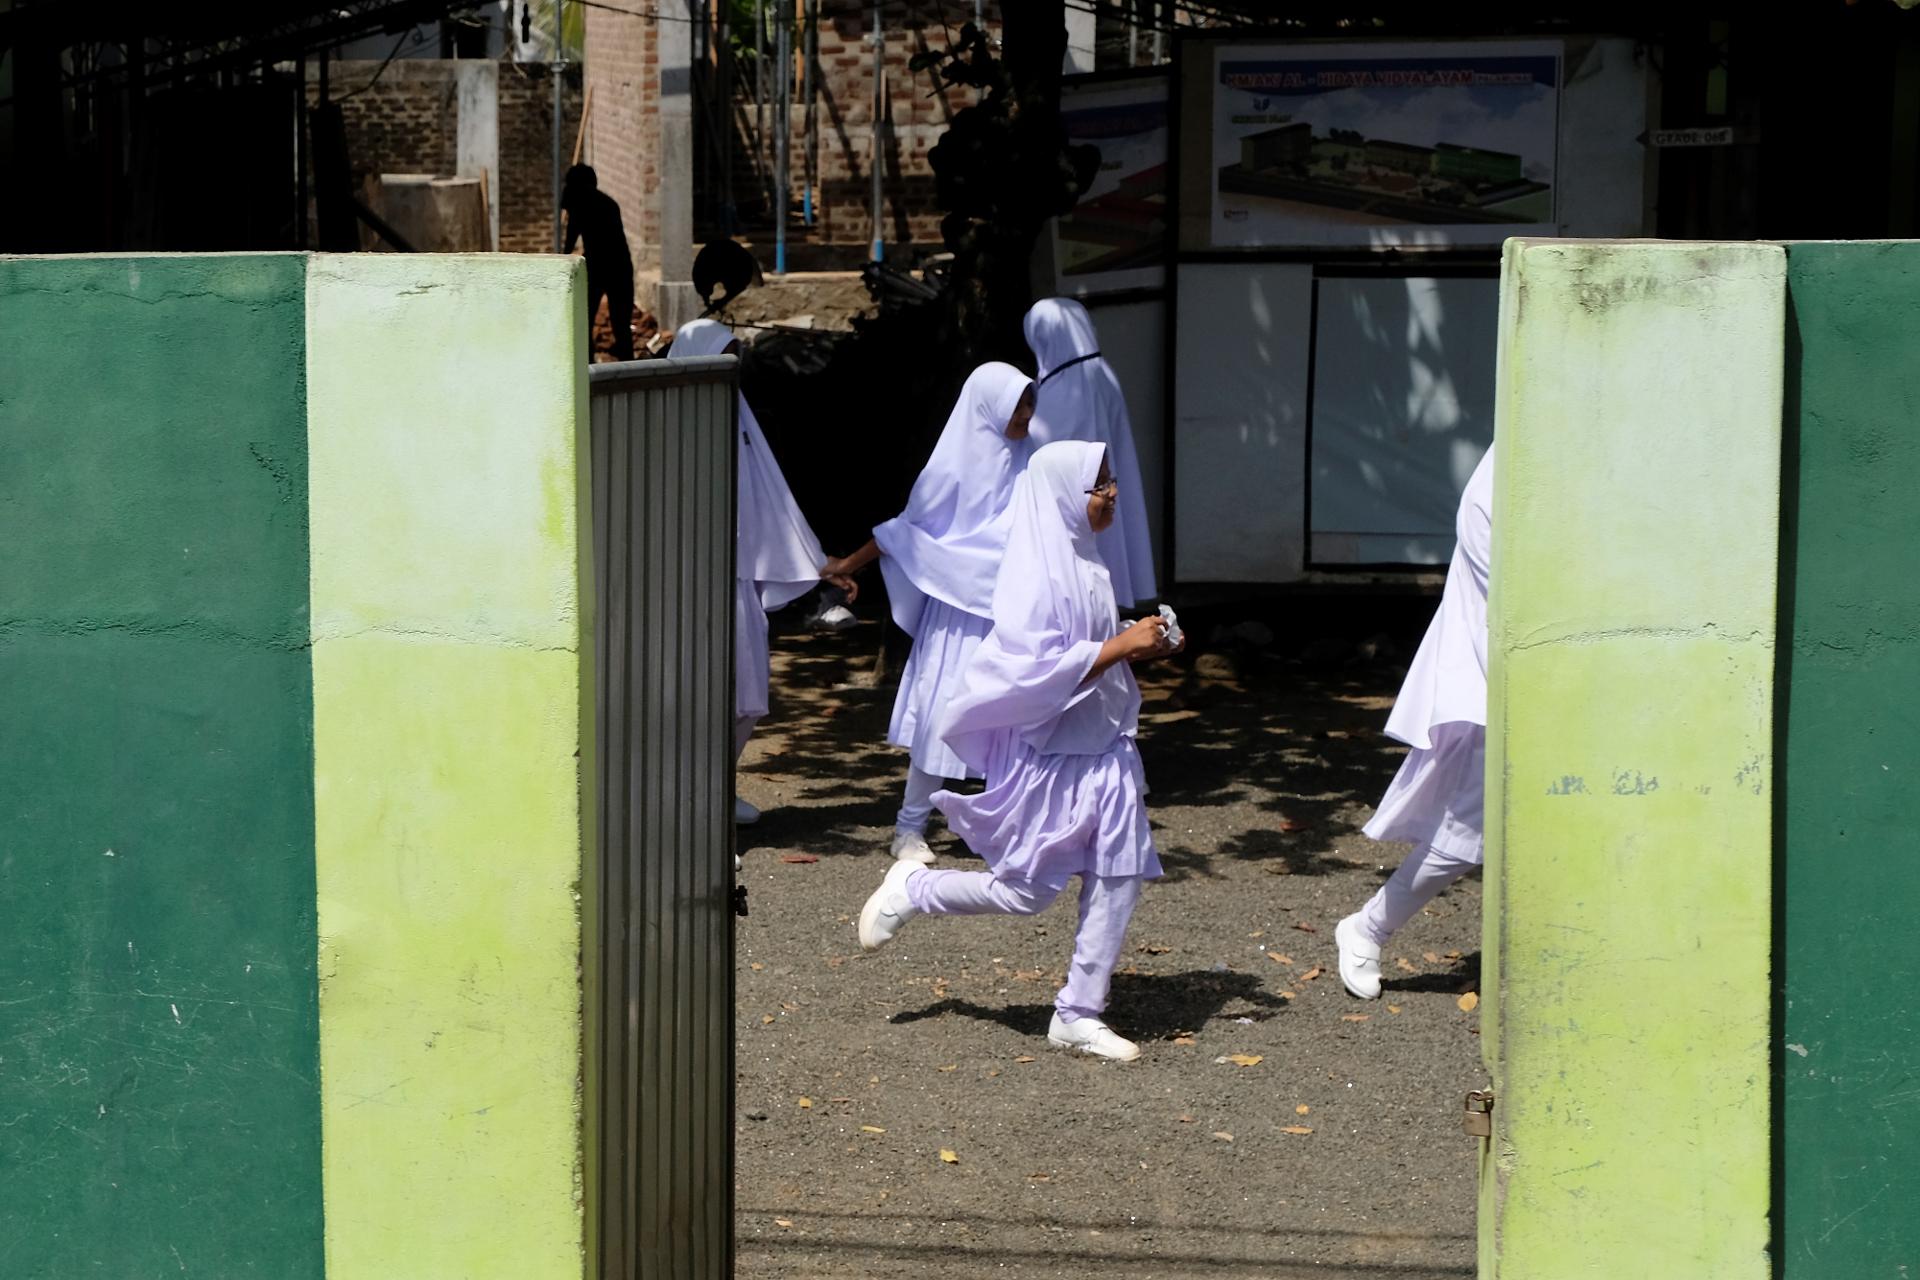 Rast vid en muslimsk flickskola i östra Sri Lanka. Foto: Johan Mikaelsson